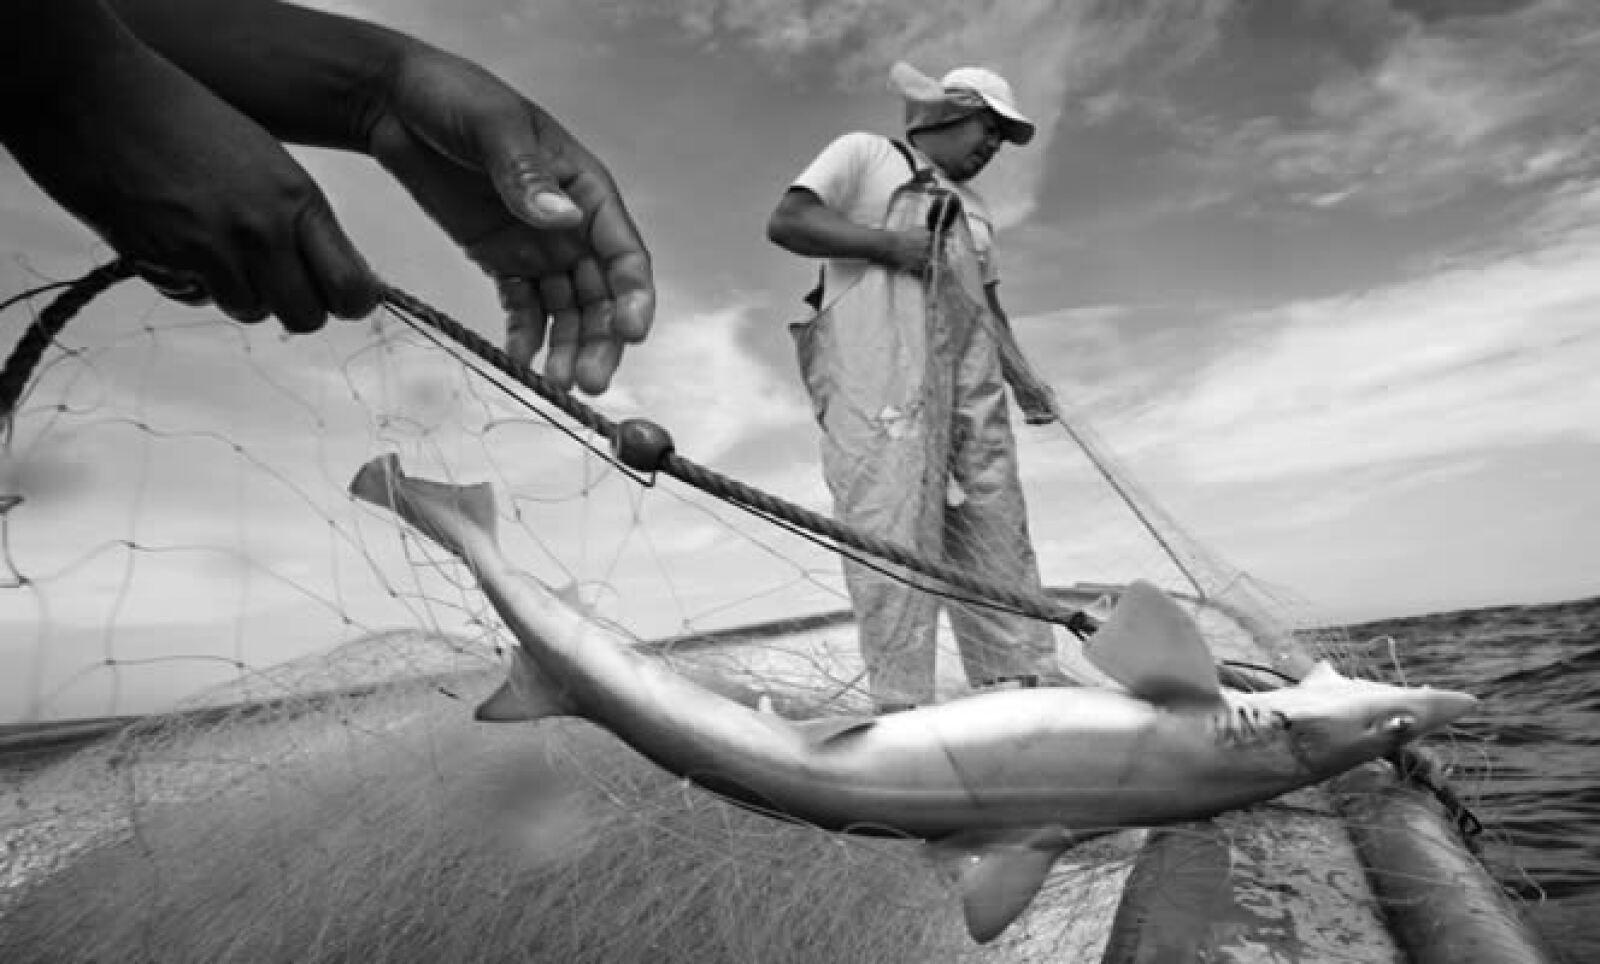 También, se premiaron fotos de distintos temas las cuales, en su mayoría, recibieron menciones de honor.  La pesca fue la inspiración que Alejandro Rivas tomó por medio del objetivo de su cámara. La foto fue efectuada en Punta Lobos, Baja California Sur